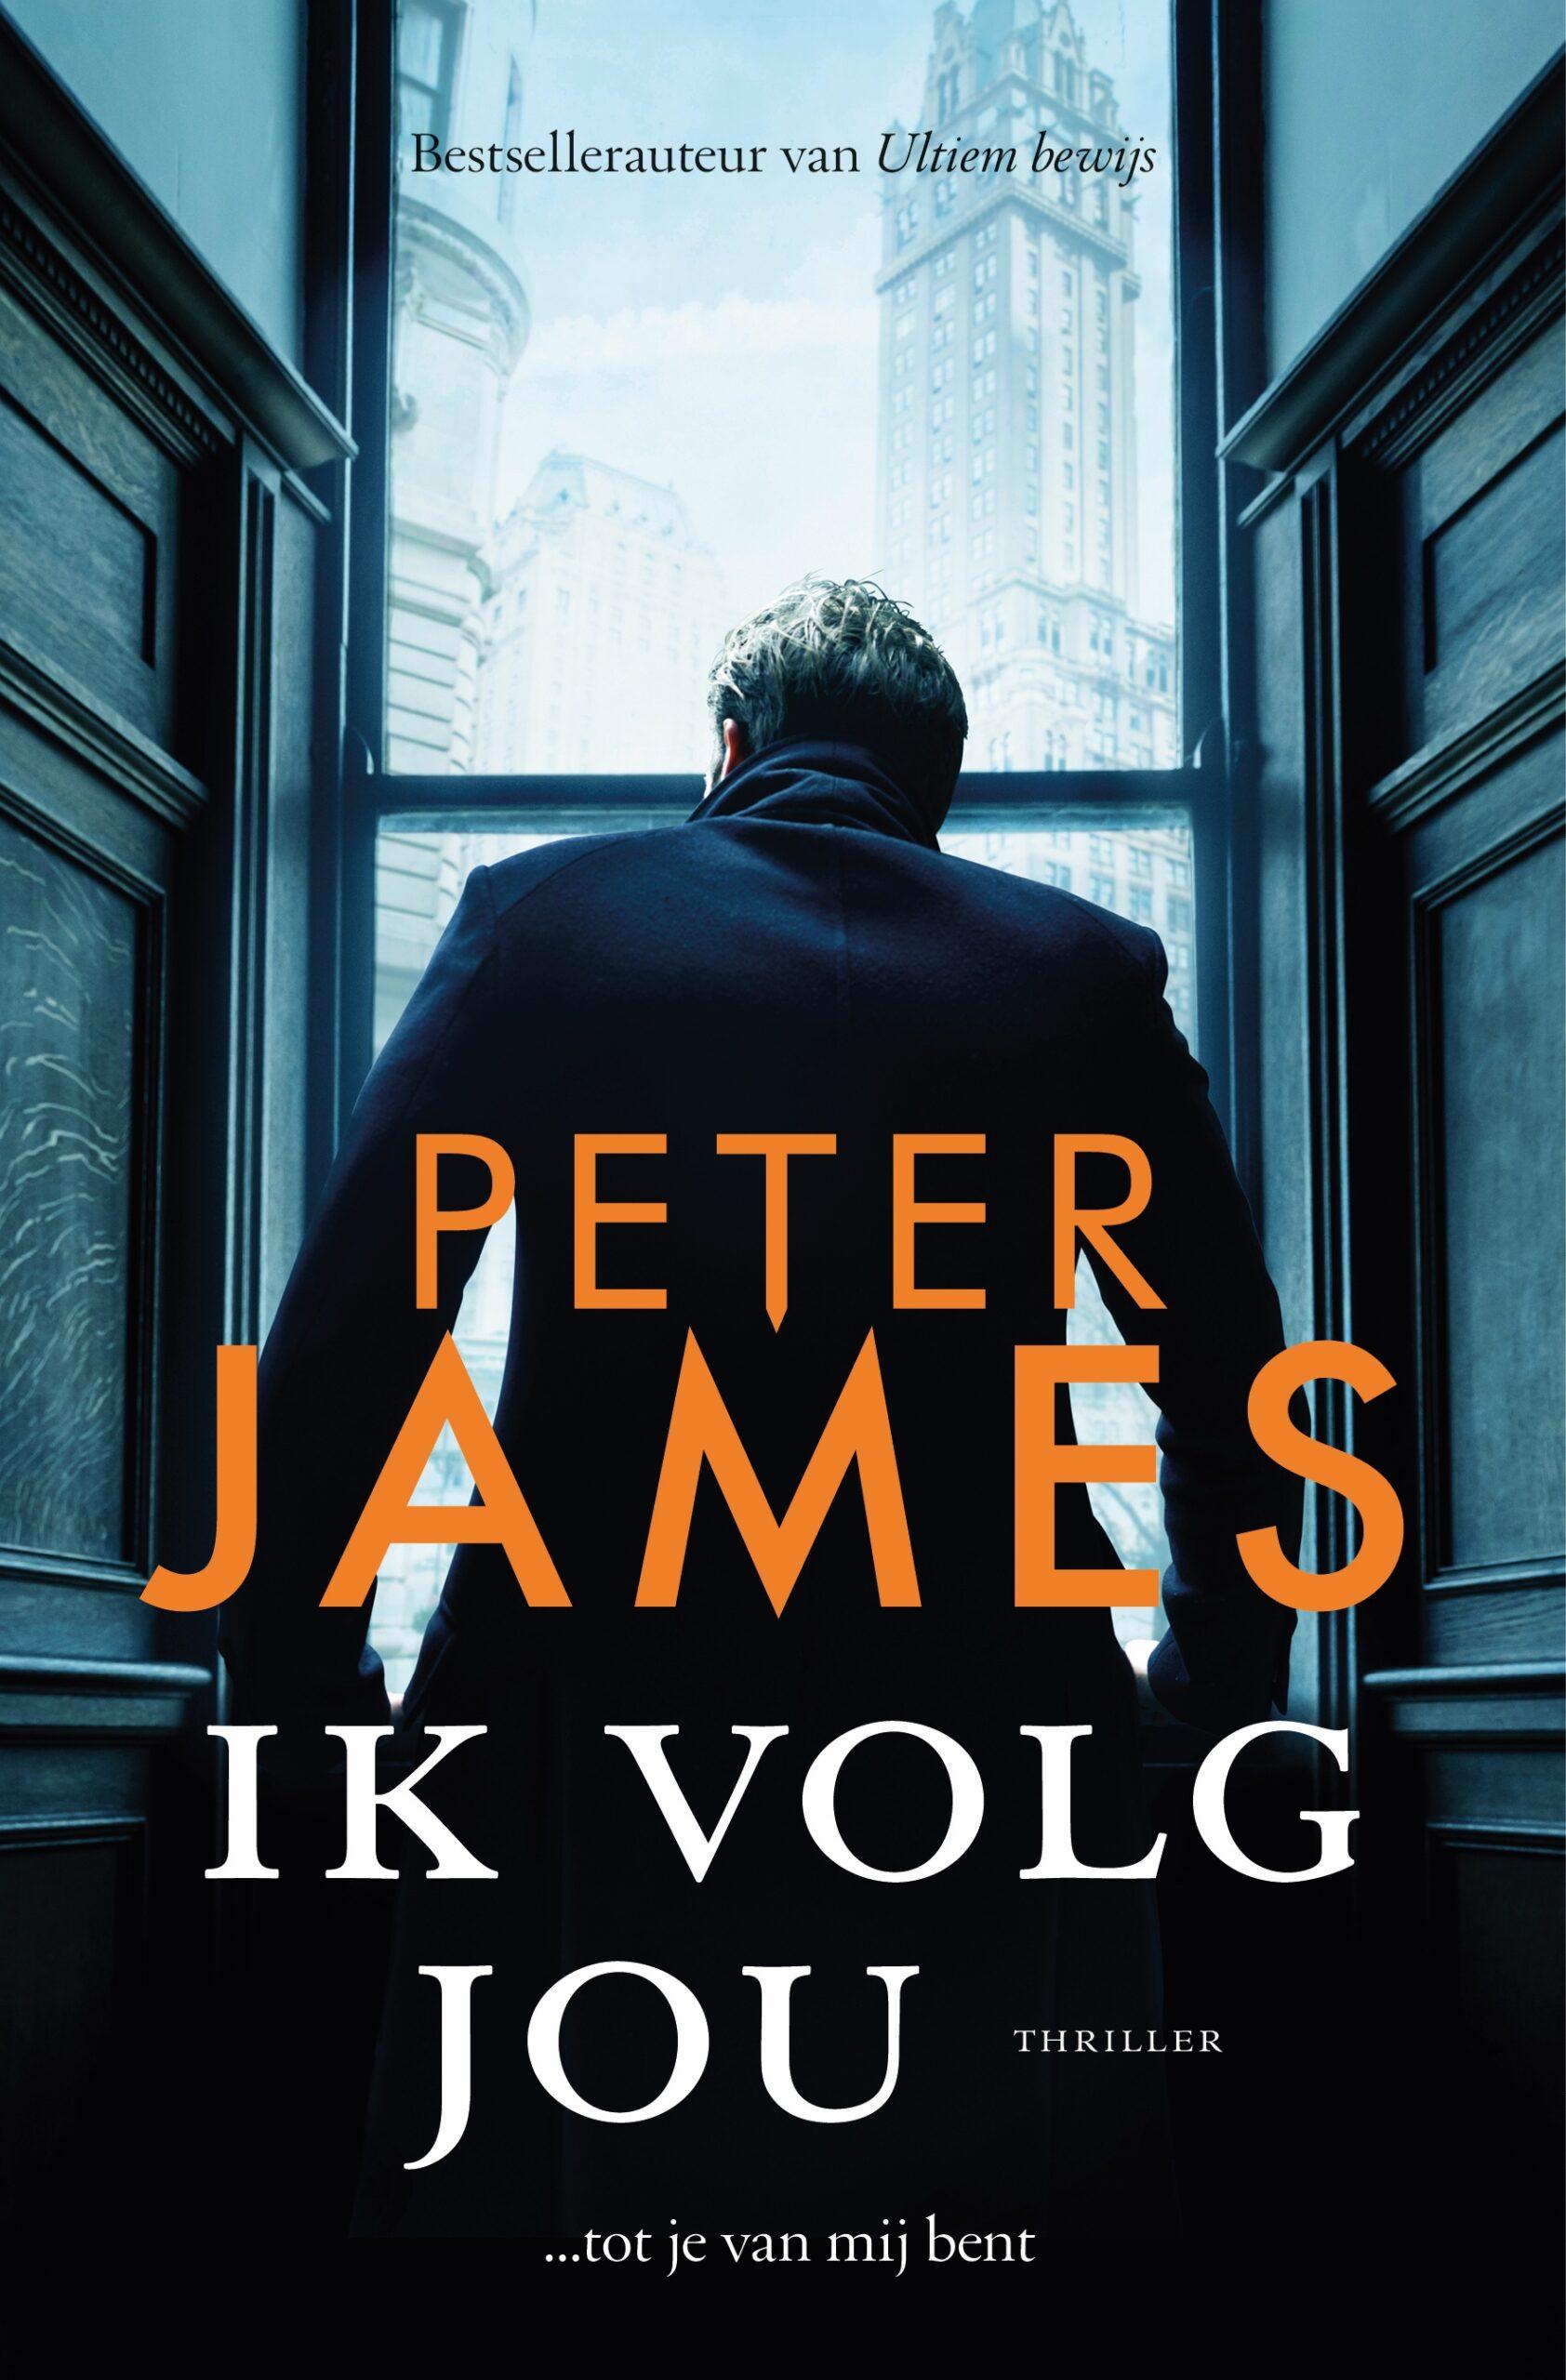 Ik volg jou - Peter James